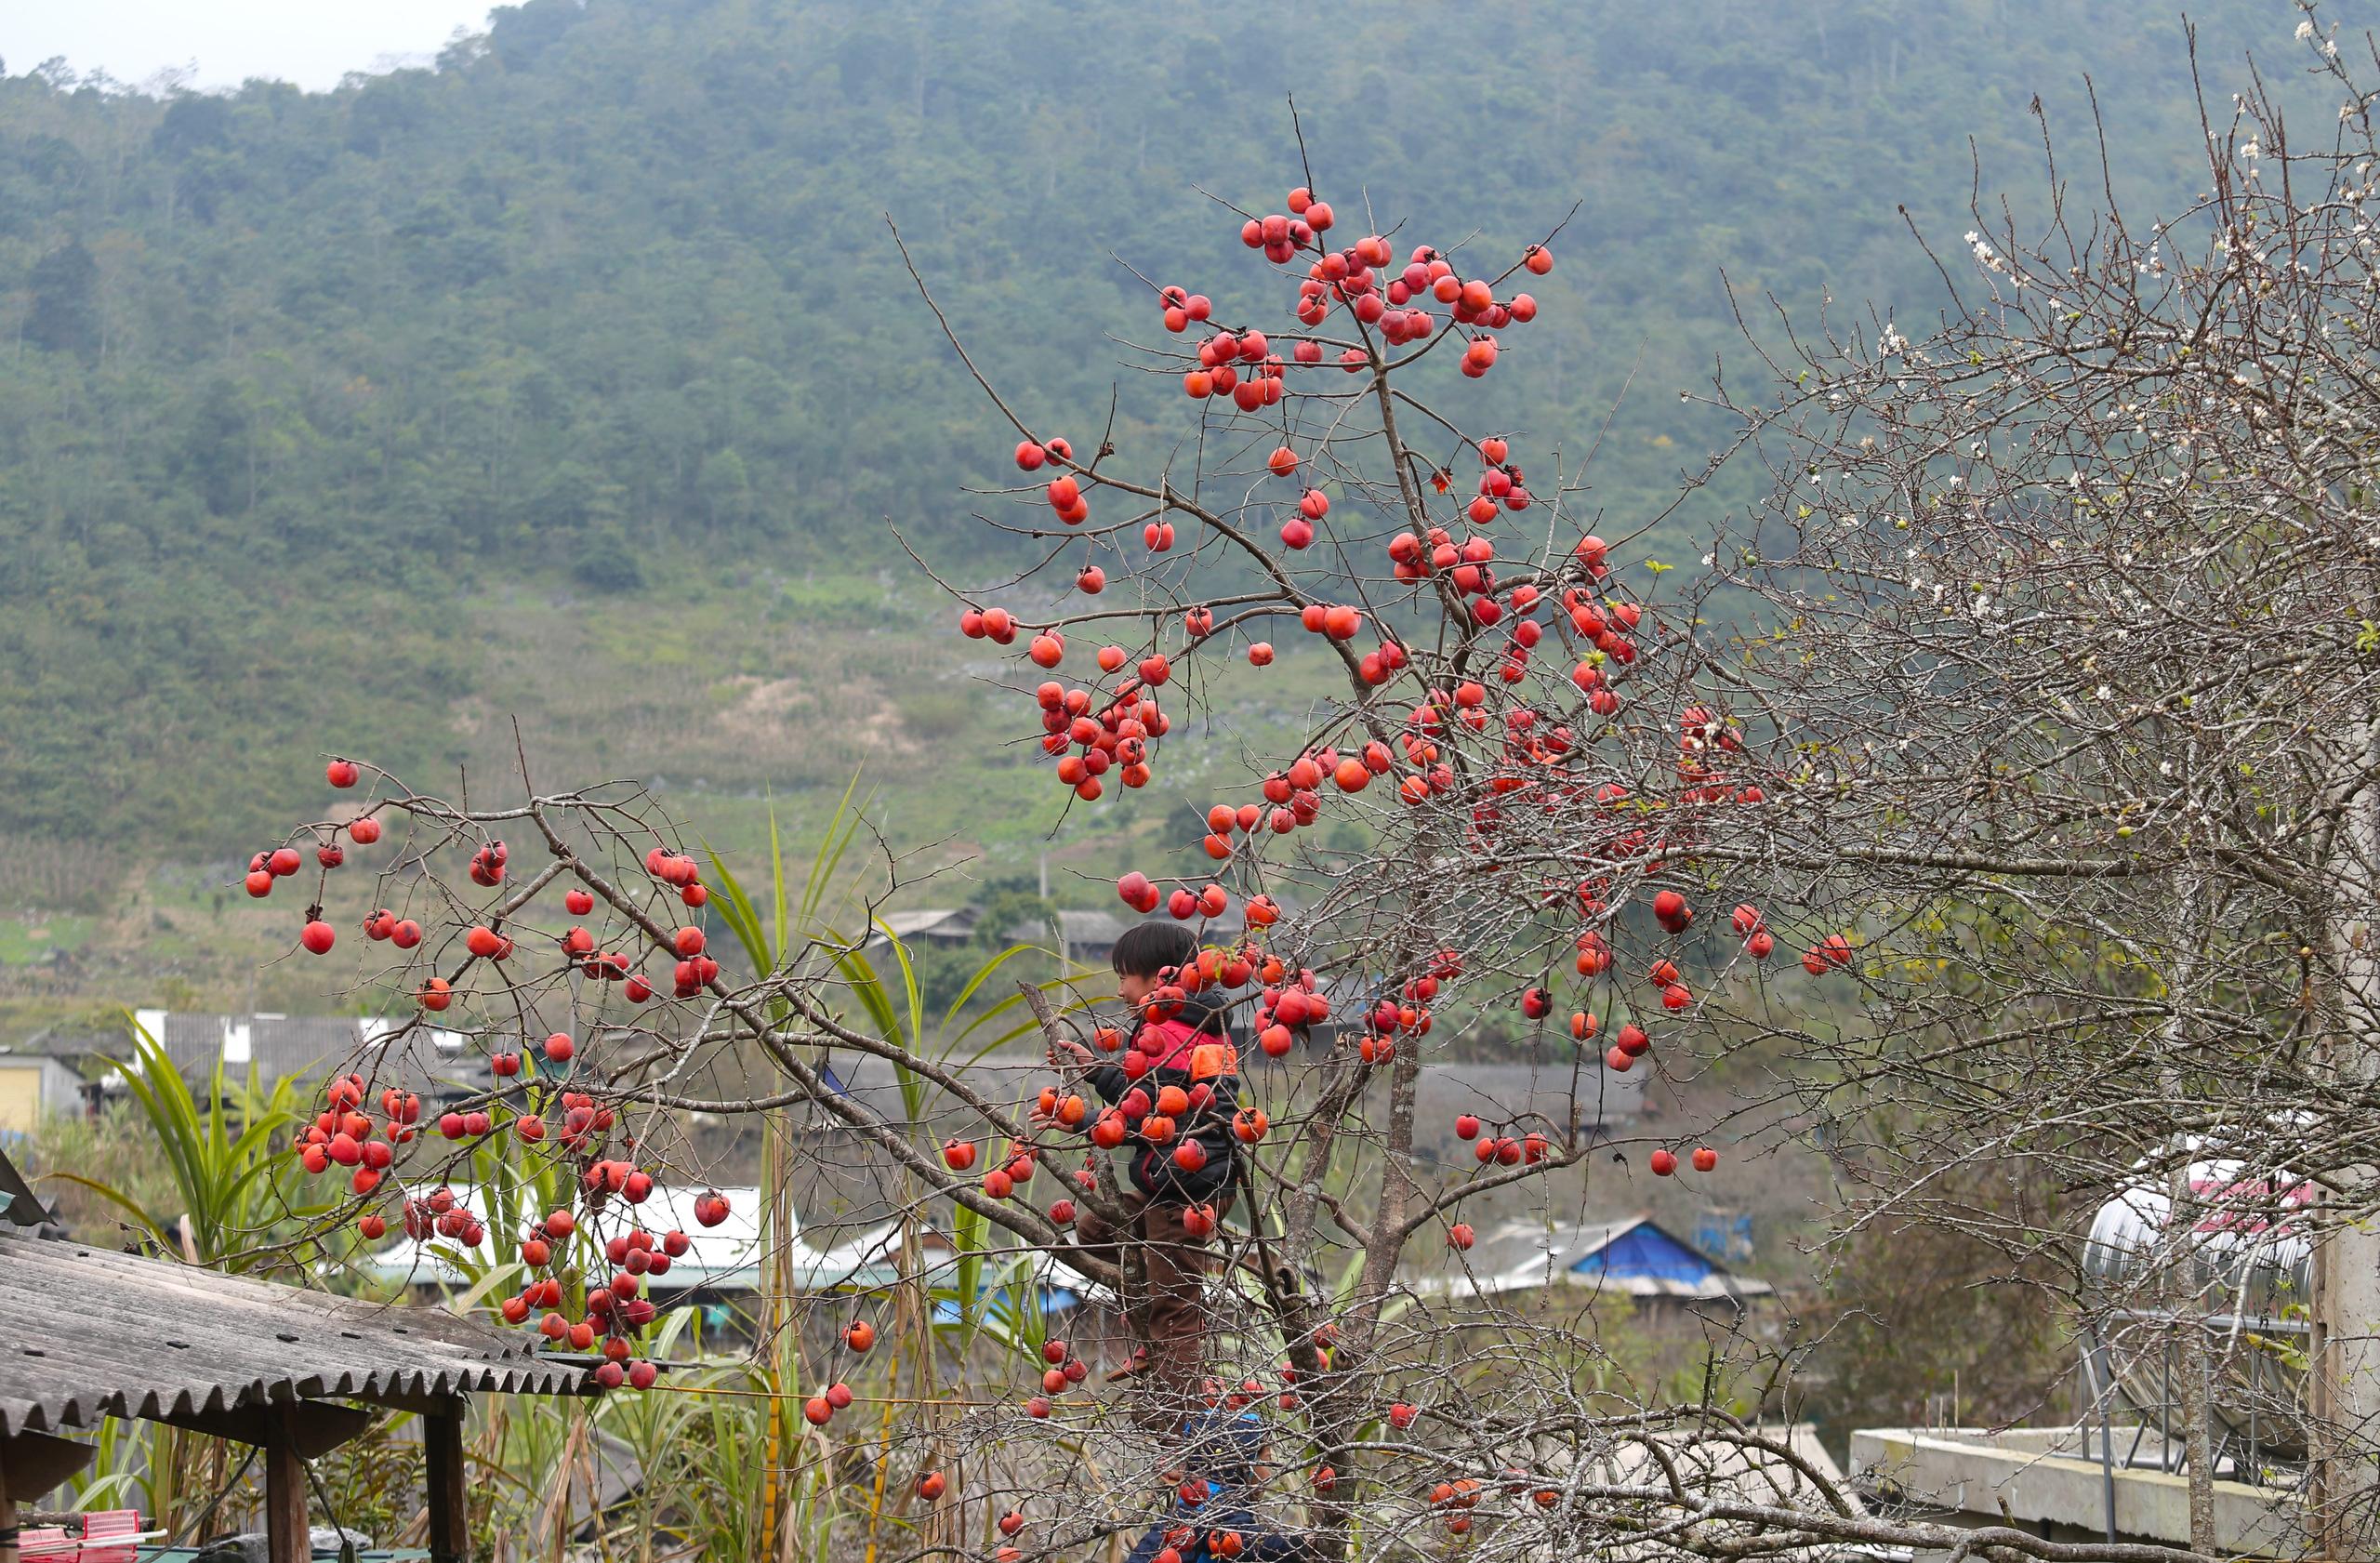 Nghệ An: Hoa đào, hoa mận nở bung tuyệt đẹp trong giá rét trước khi Tết về - Ảnh 7.